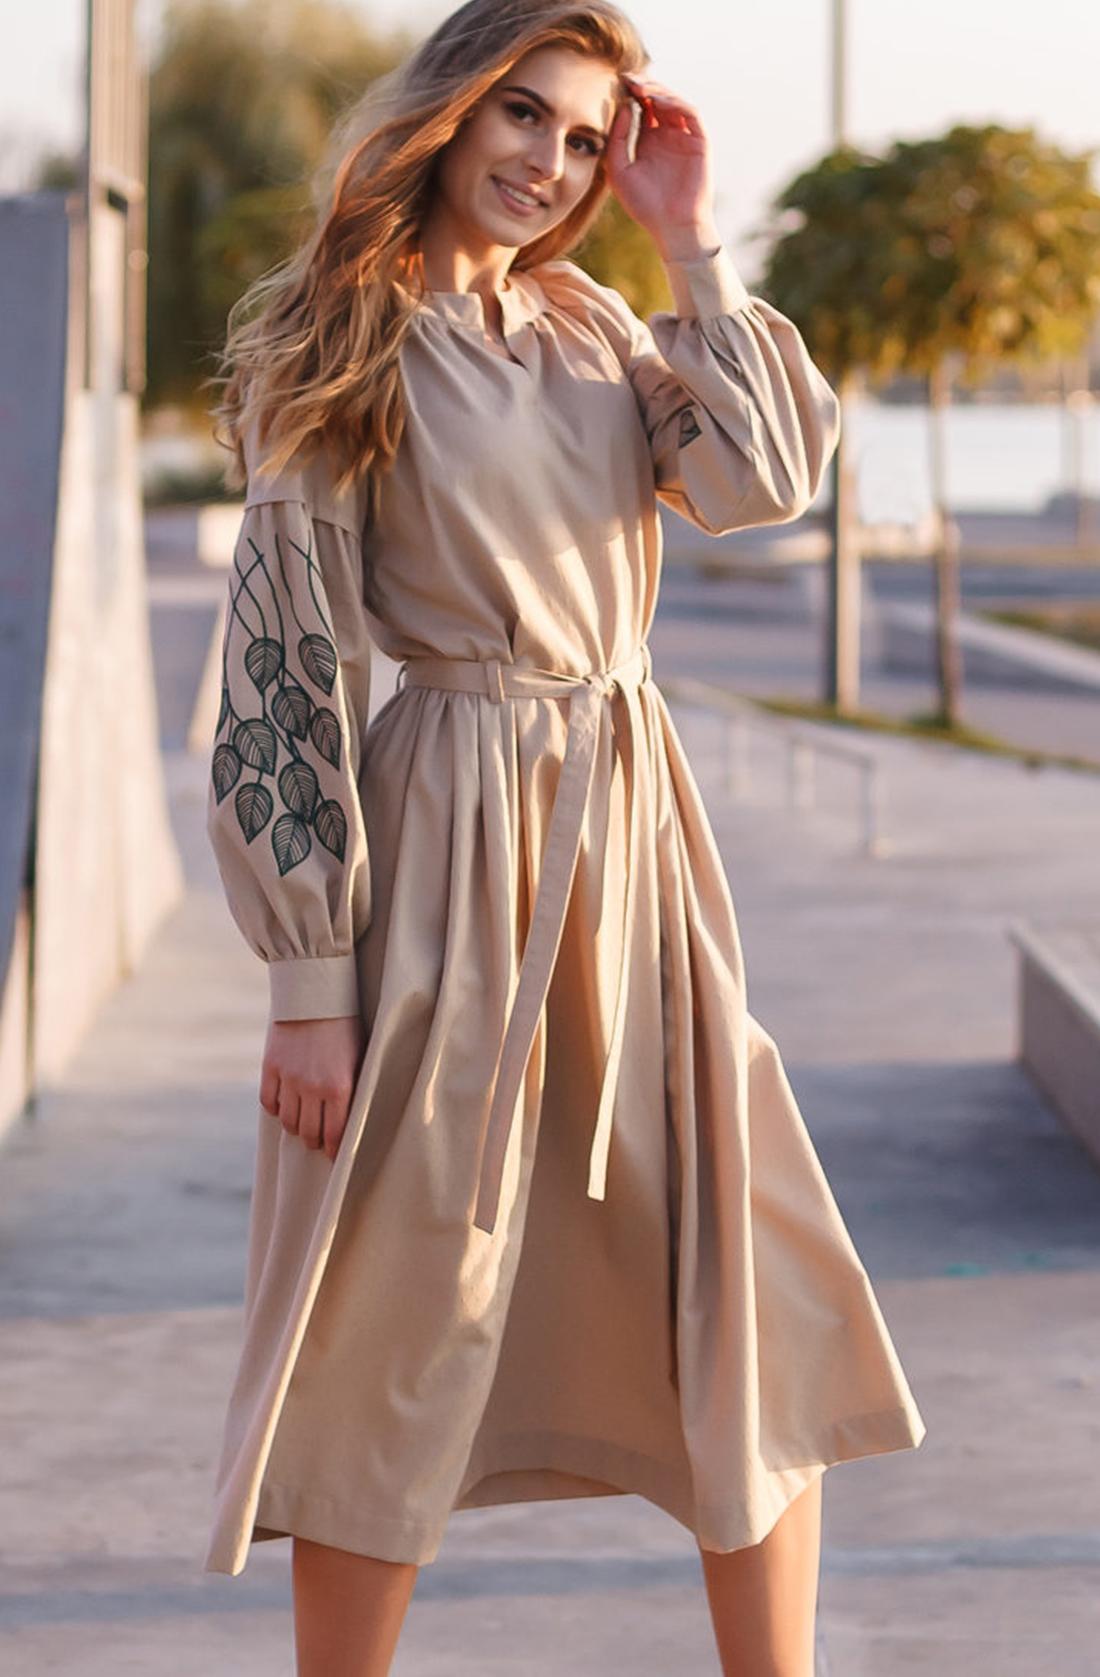 Вишита сукня з вишивкою на рукавах